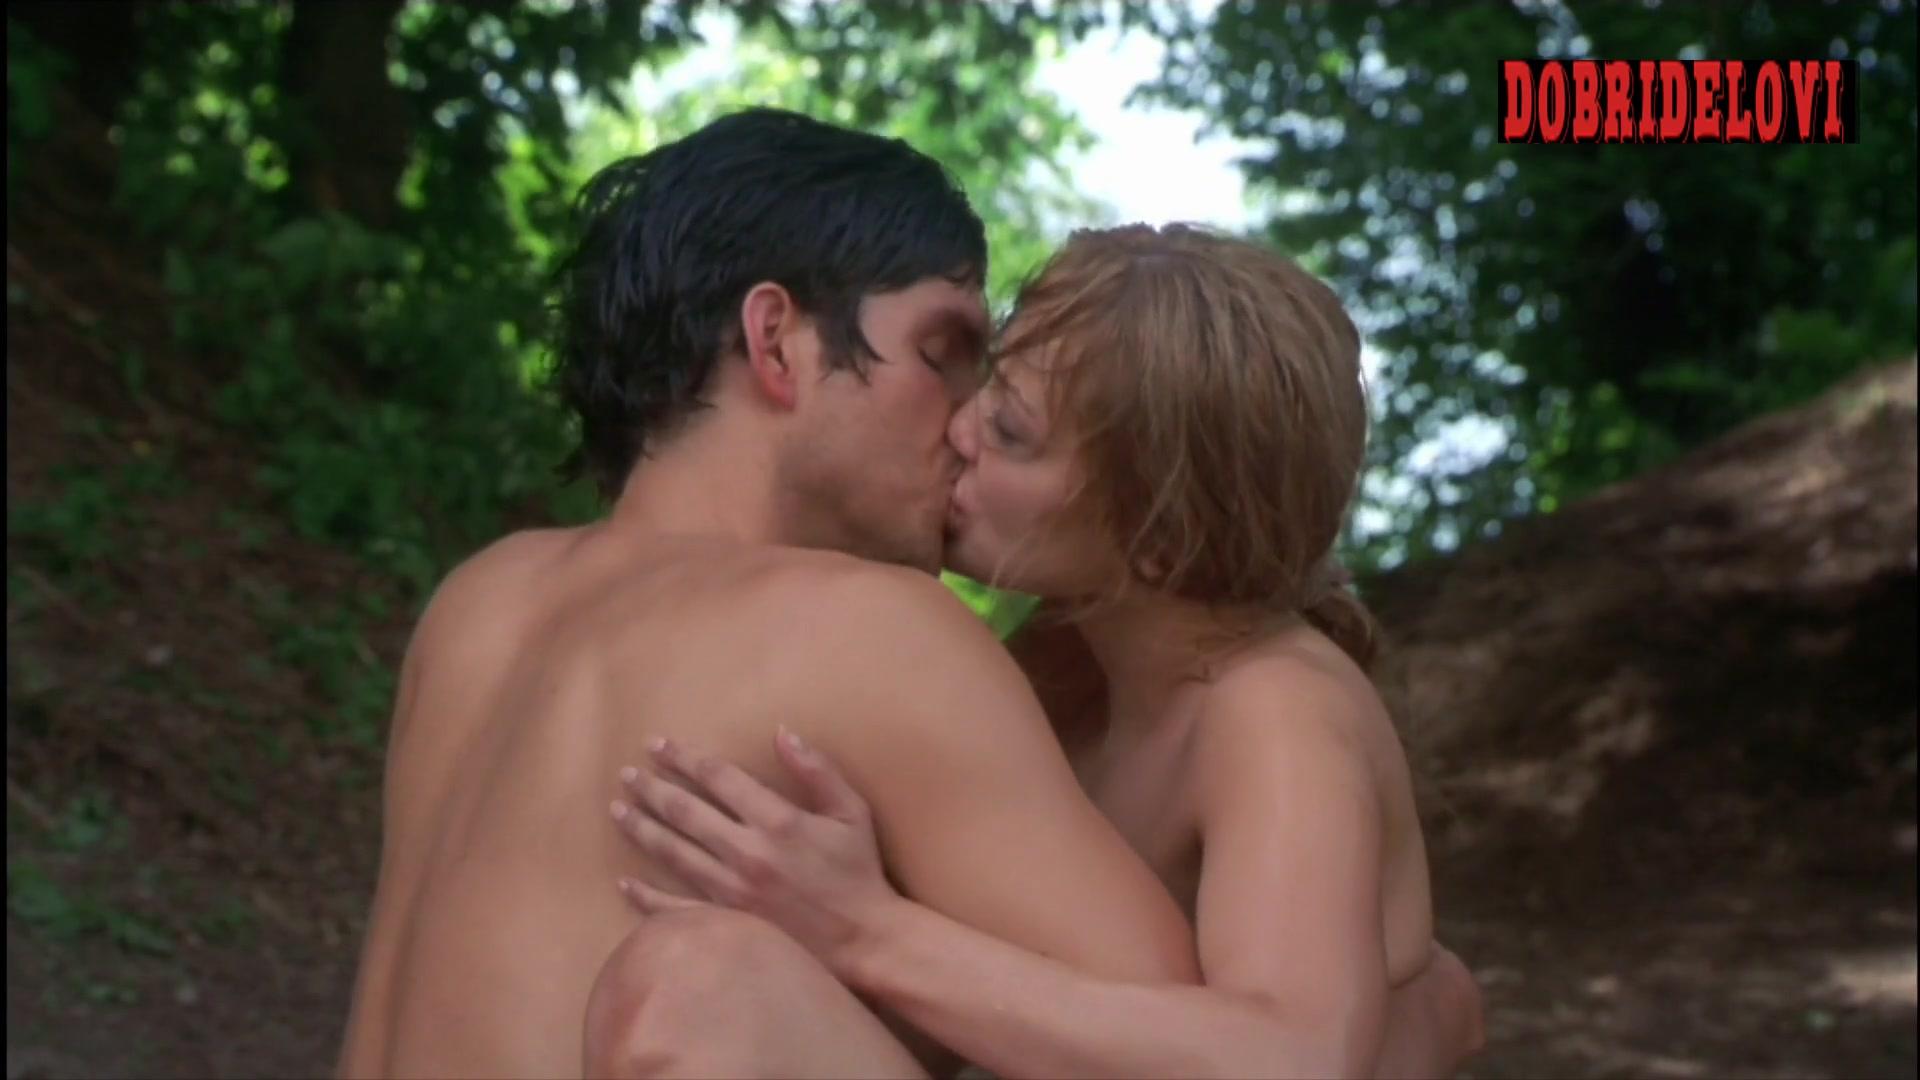 Jennifer Lopez sex in the woods scene from Angel Eyes